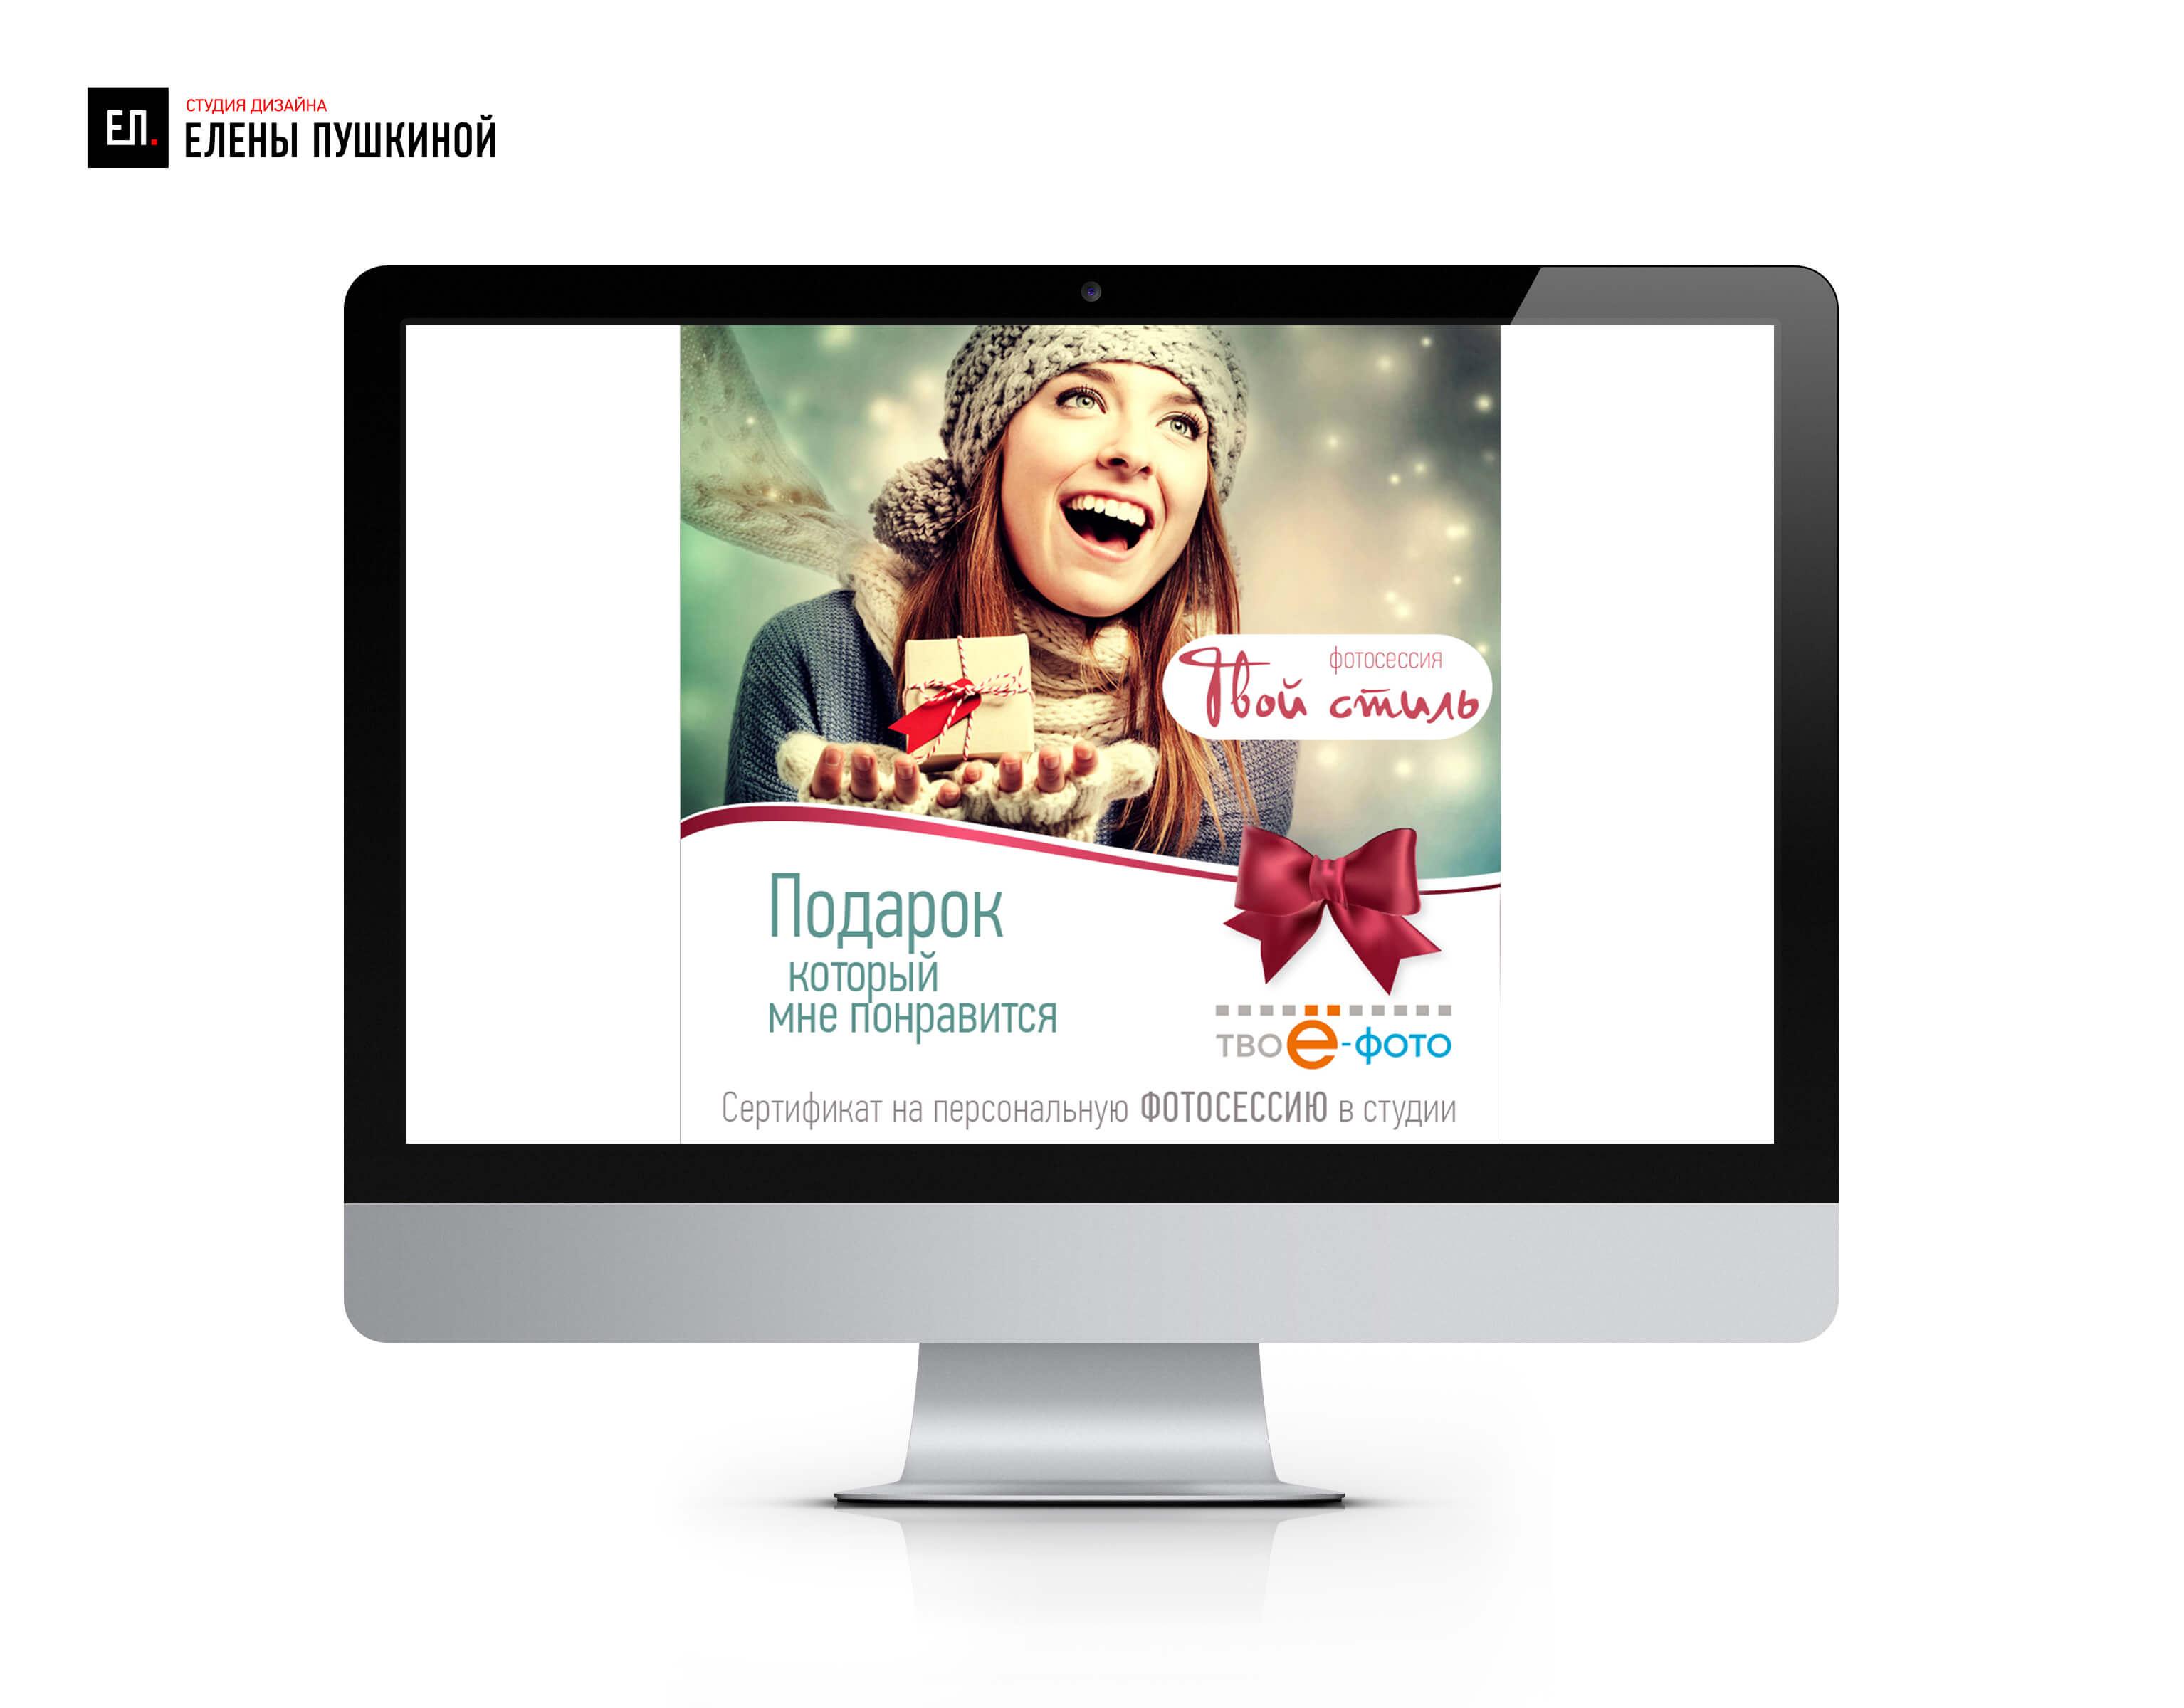 Веб-баннер №1 длясети профессиональных фотостудий «Ё-Фото»— разработка дизайна баннера Баннеры для сайта Портфолио